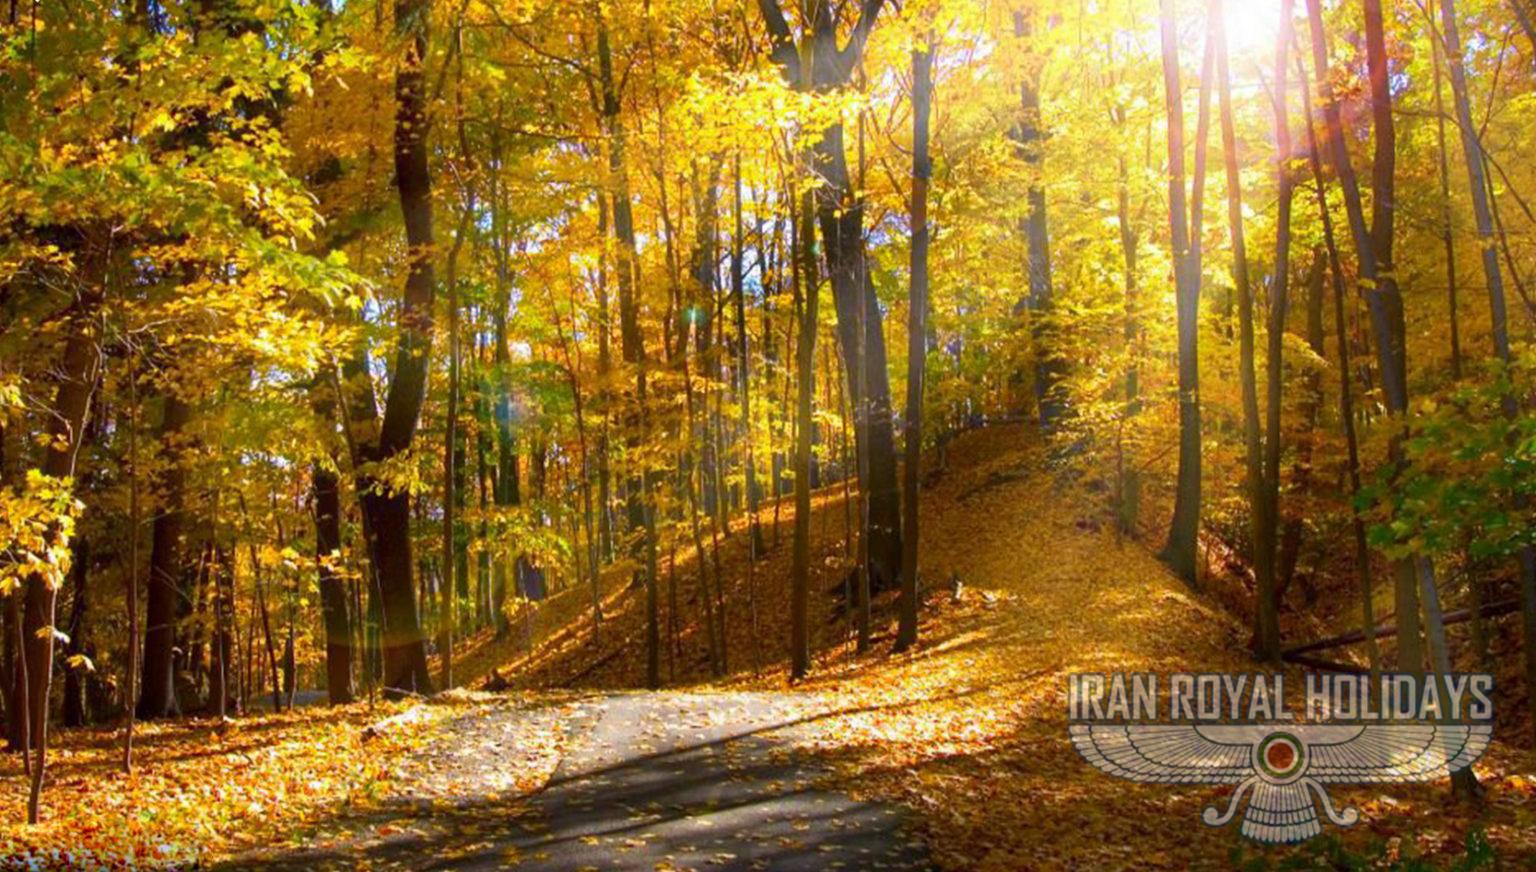 Cloud forest – Shahroud fall 2021